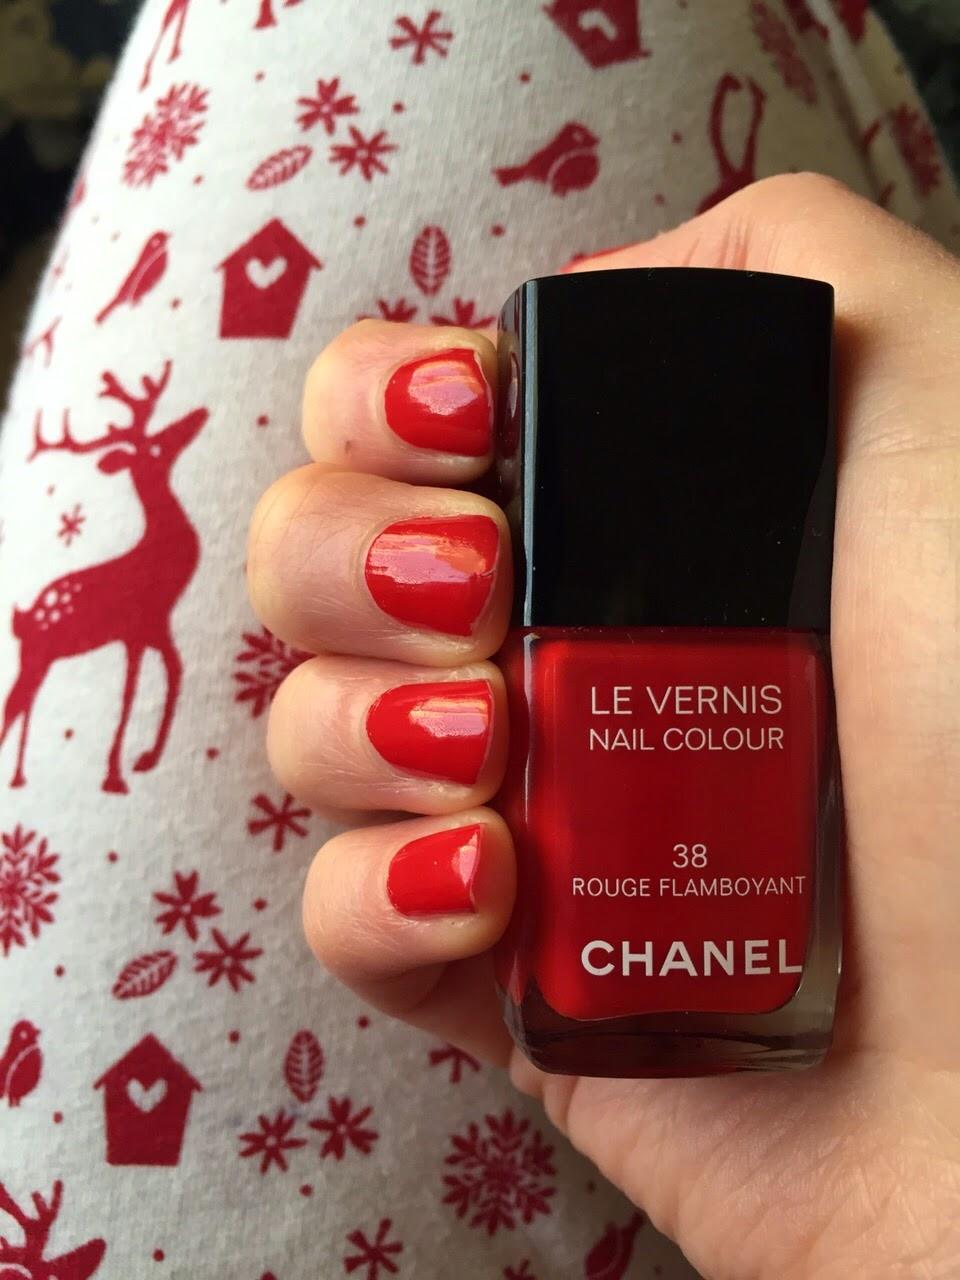 Chanel Le Vernis Nail Colour - 38 Rouge Flamboyant